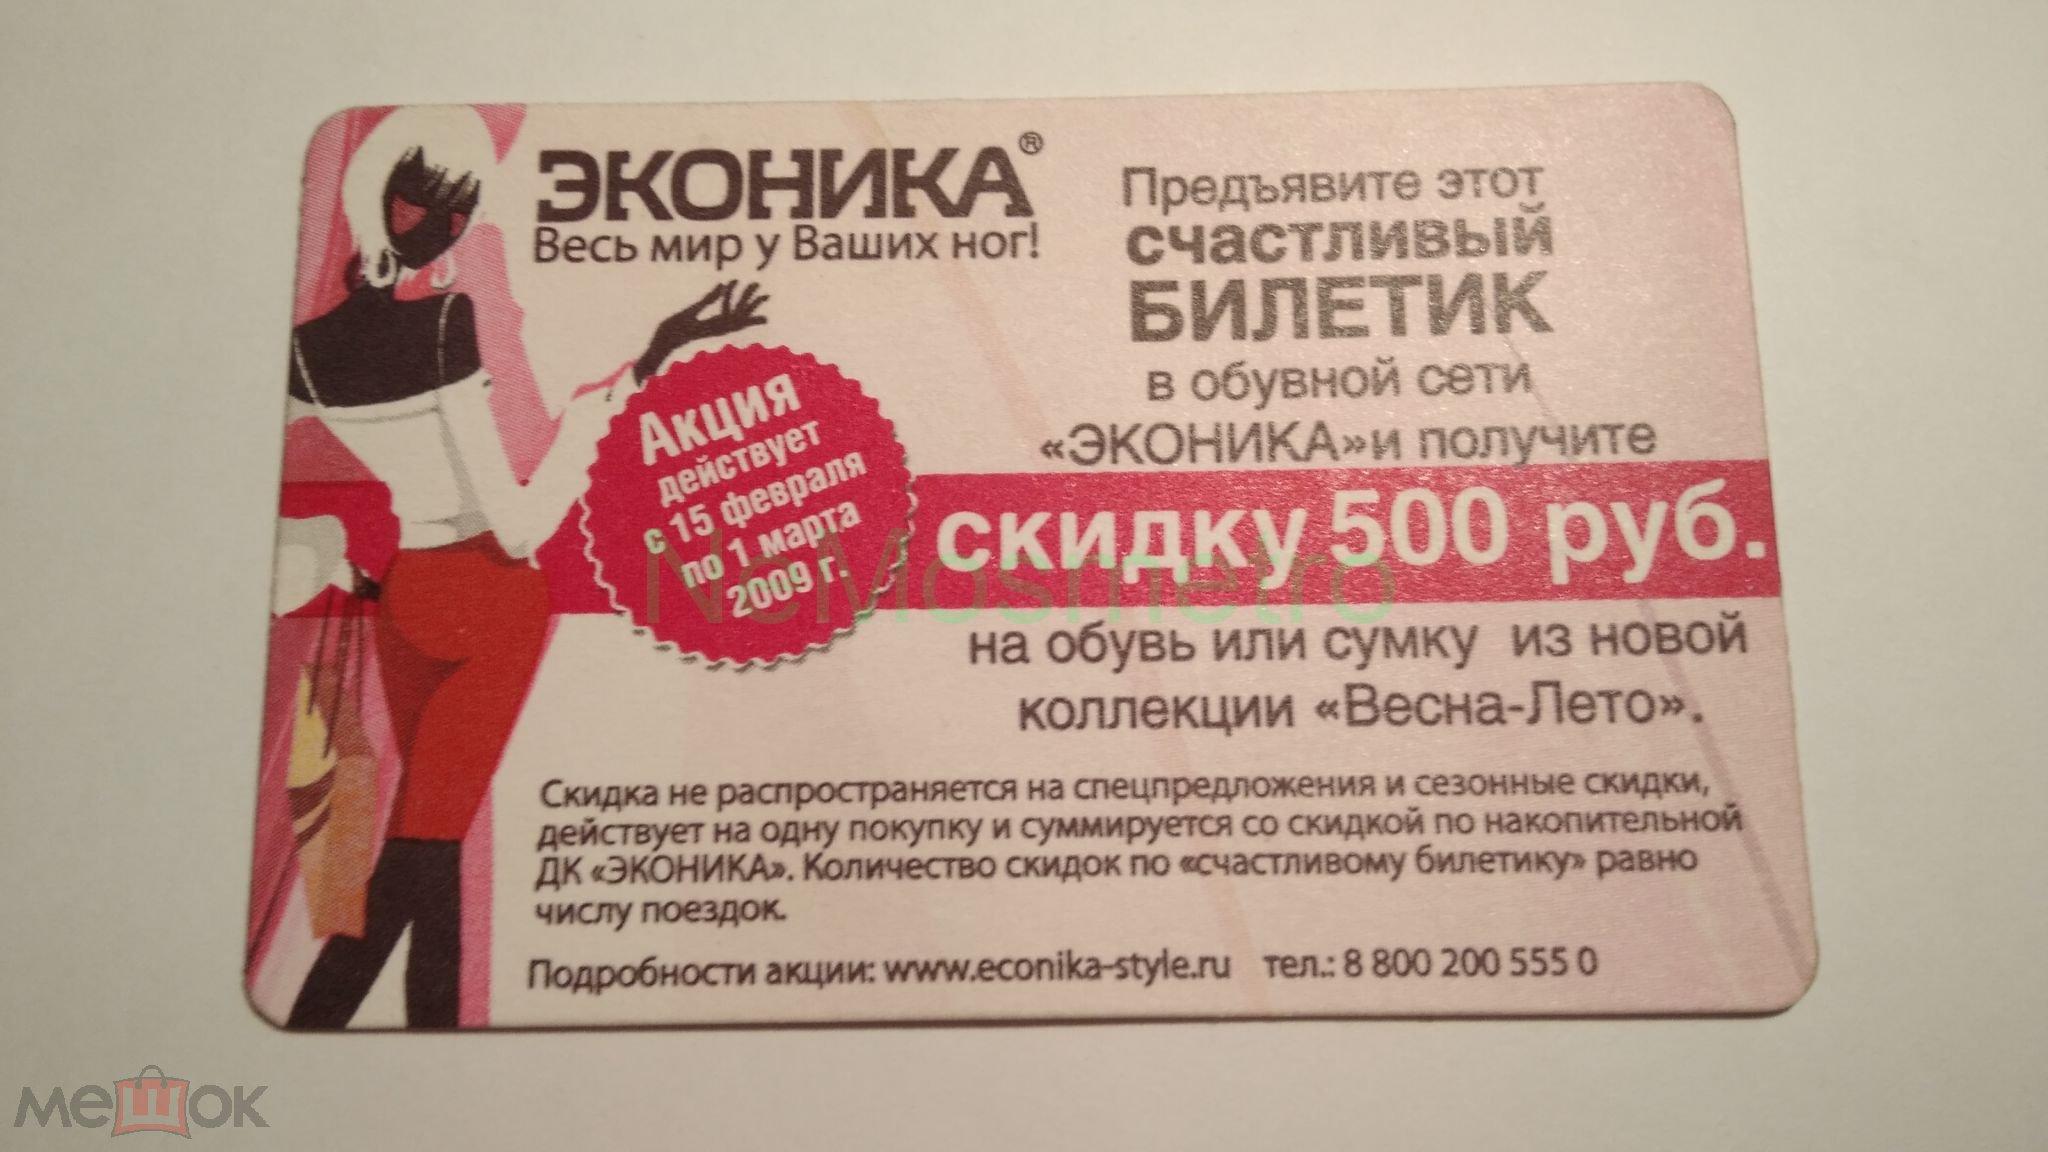 d75b4ad78 Реклама: Эконика скидка 500 рублей. Билет Единый метро Москвы (торги ...